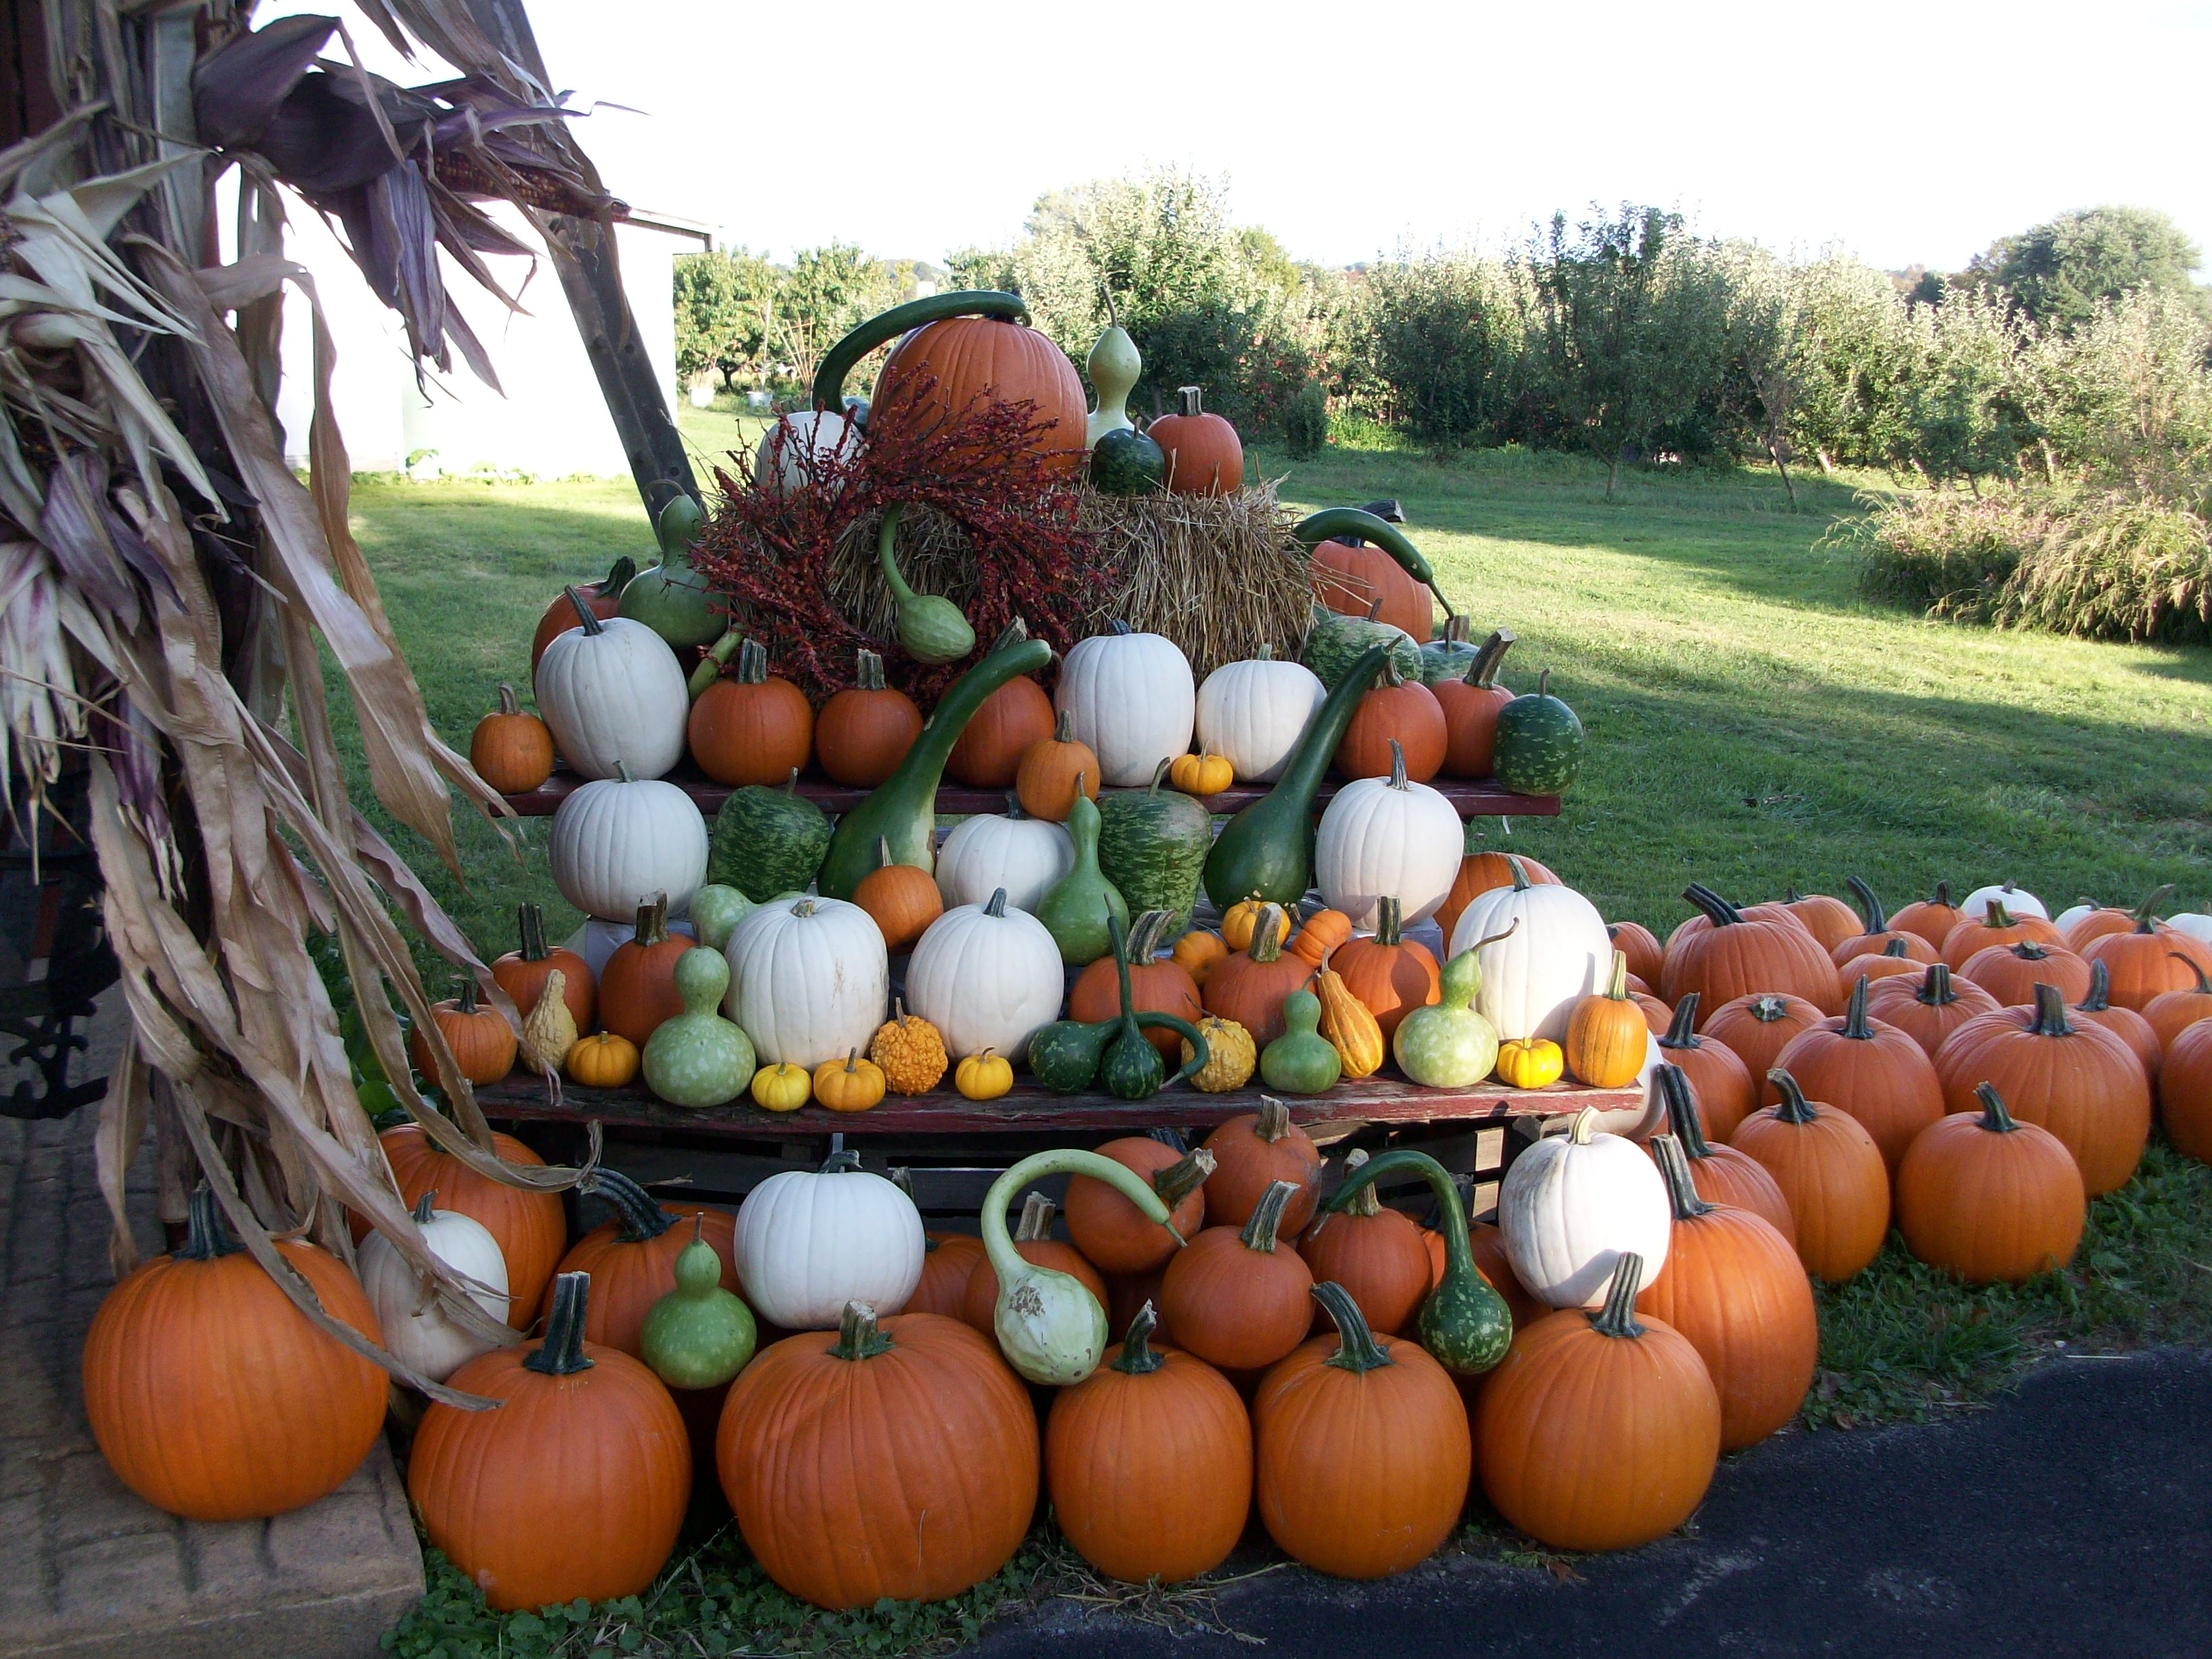 Gourds and Pumpkins